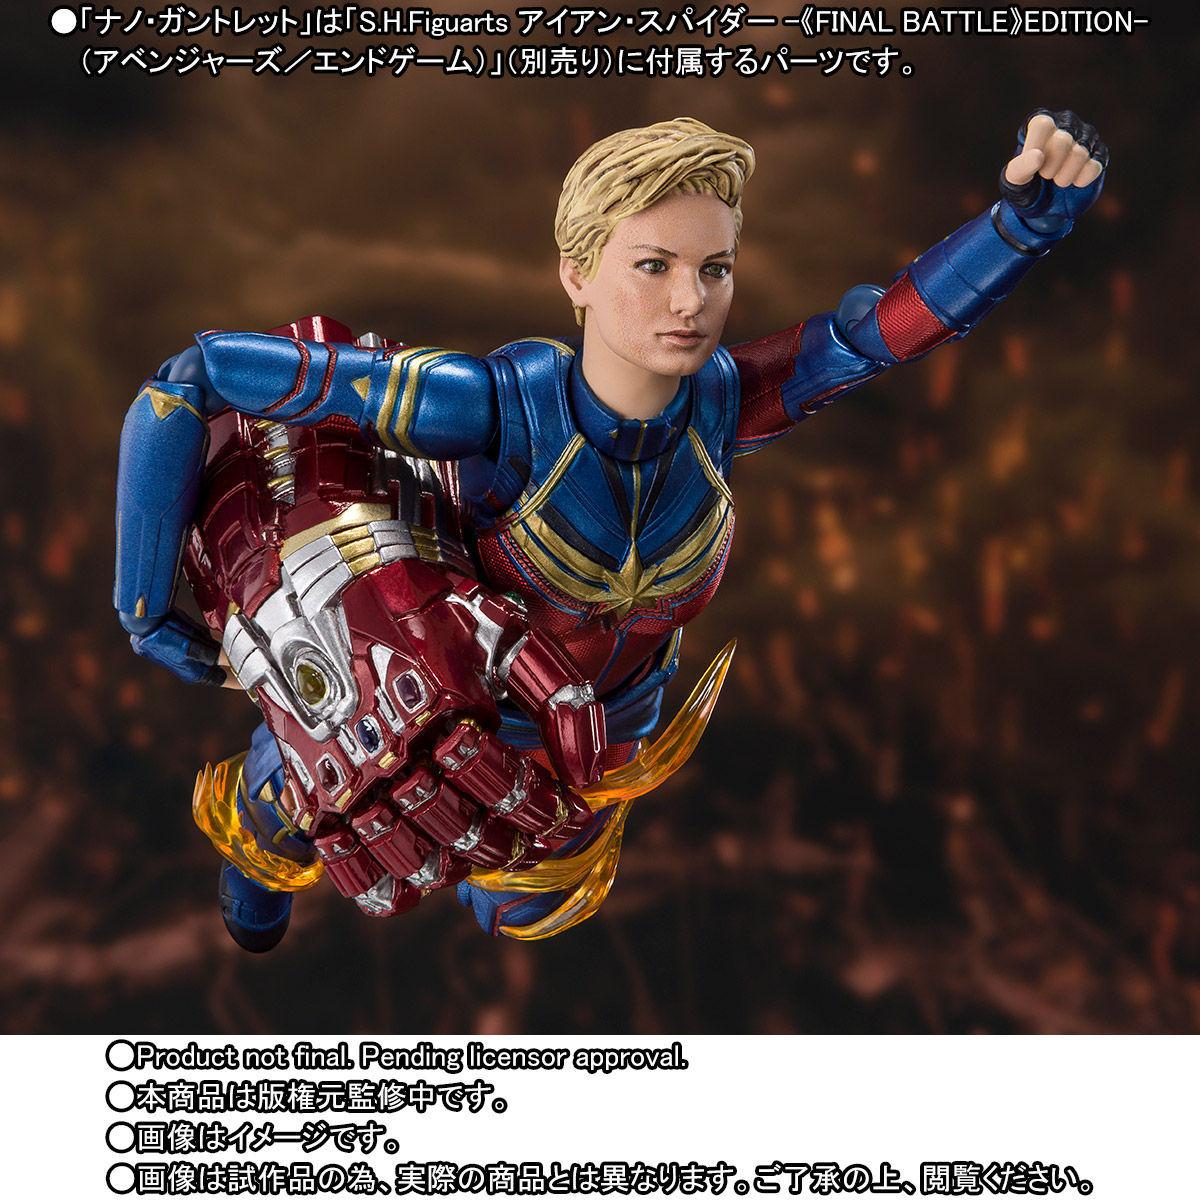 【限定販売】S.H.Figuarts『キャプテン・マーベル(アベンジャーズ/エンドゲーム)』可動フィギュア-008